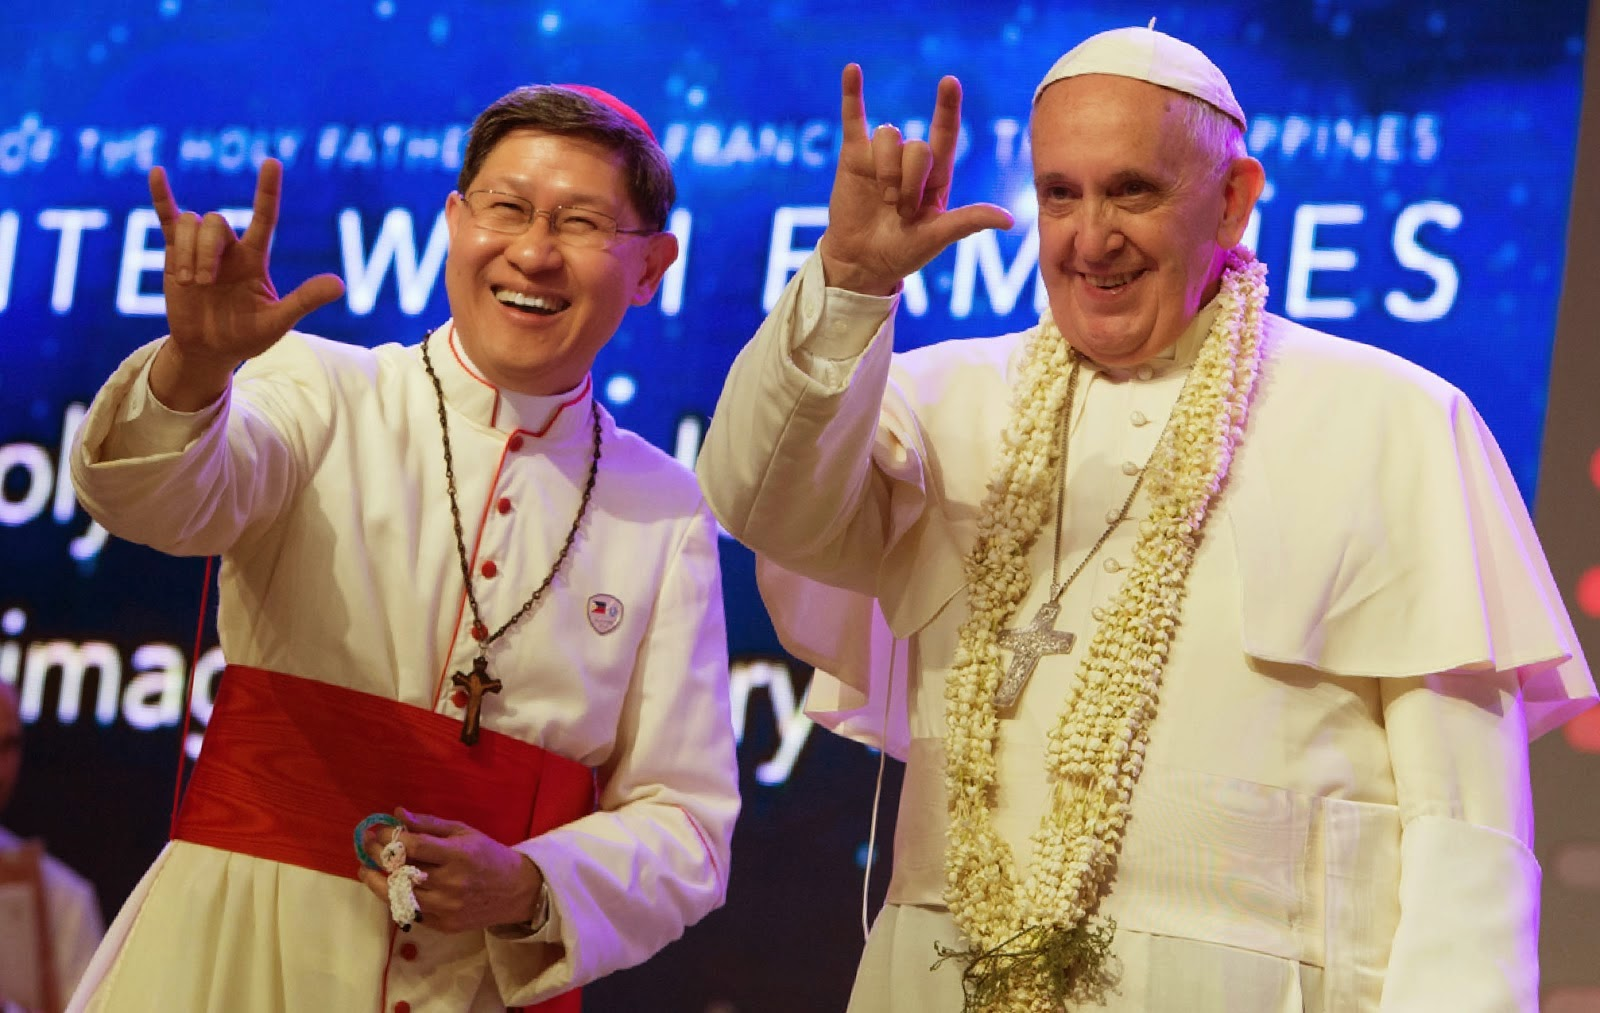 Francisco, reinado o pontificado. - Página 10 Tagle%2BFrancesco%2BAP